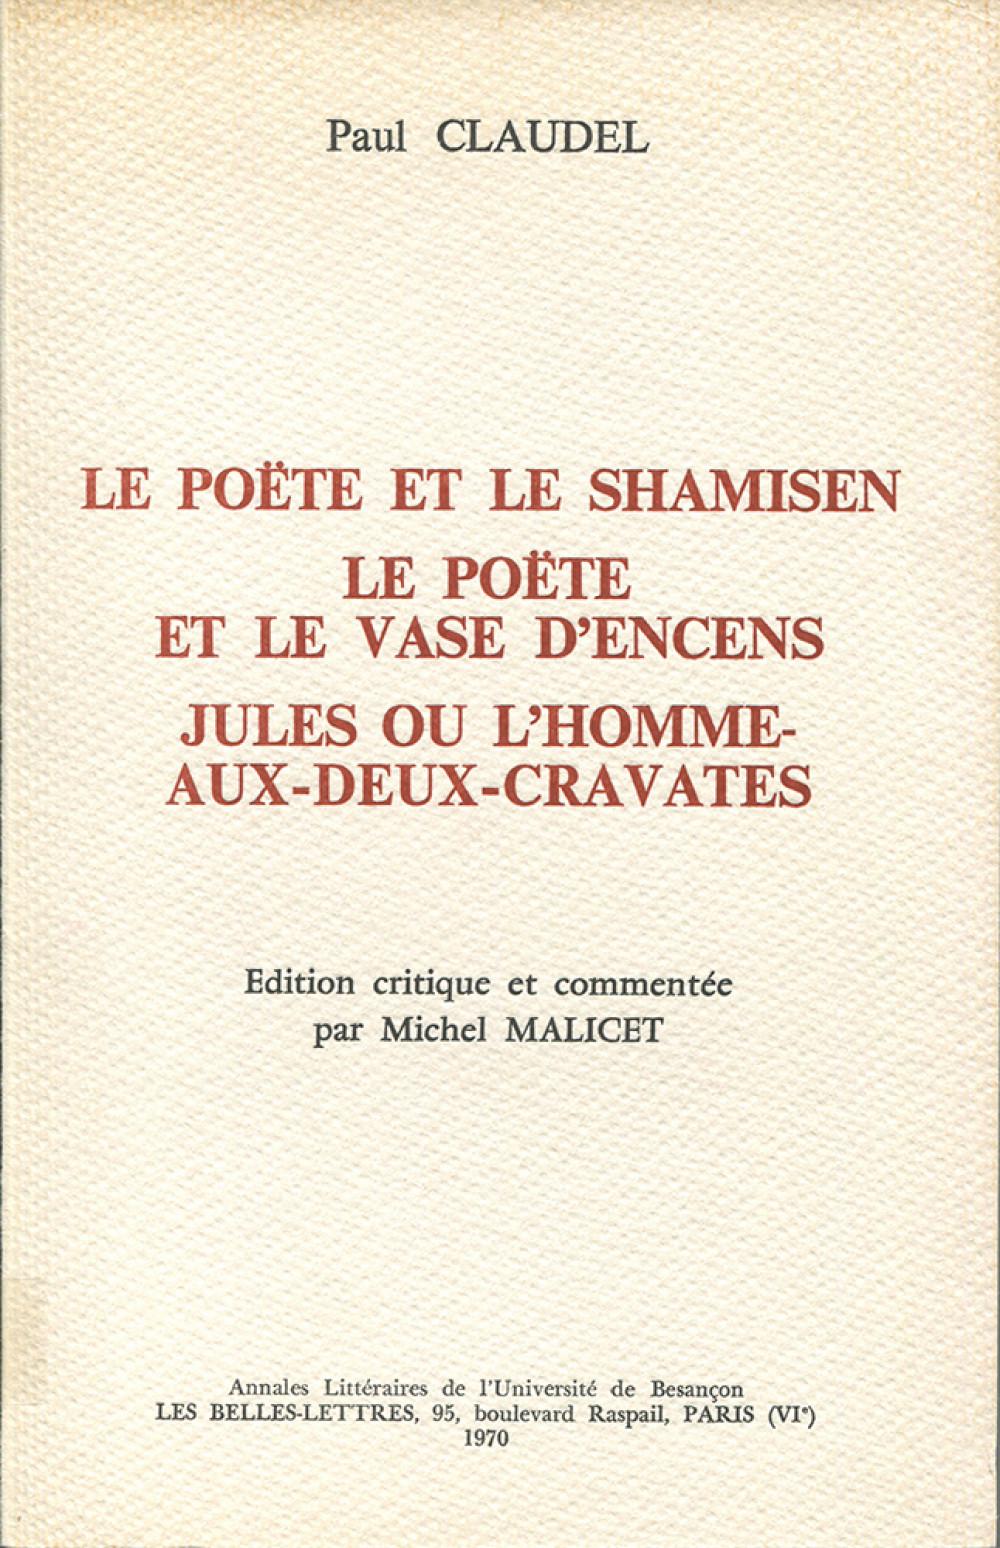 Paul Claudel, Le poète et le Shamisen. Le Poète et le vase d'encens. Jules ou l'homme-aux-deux-cravates